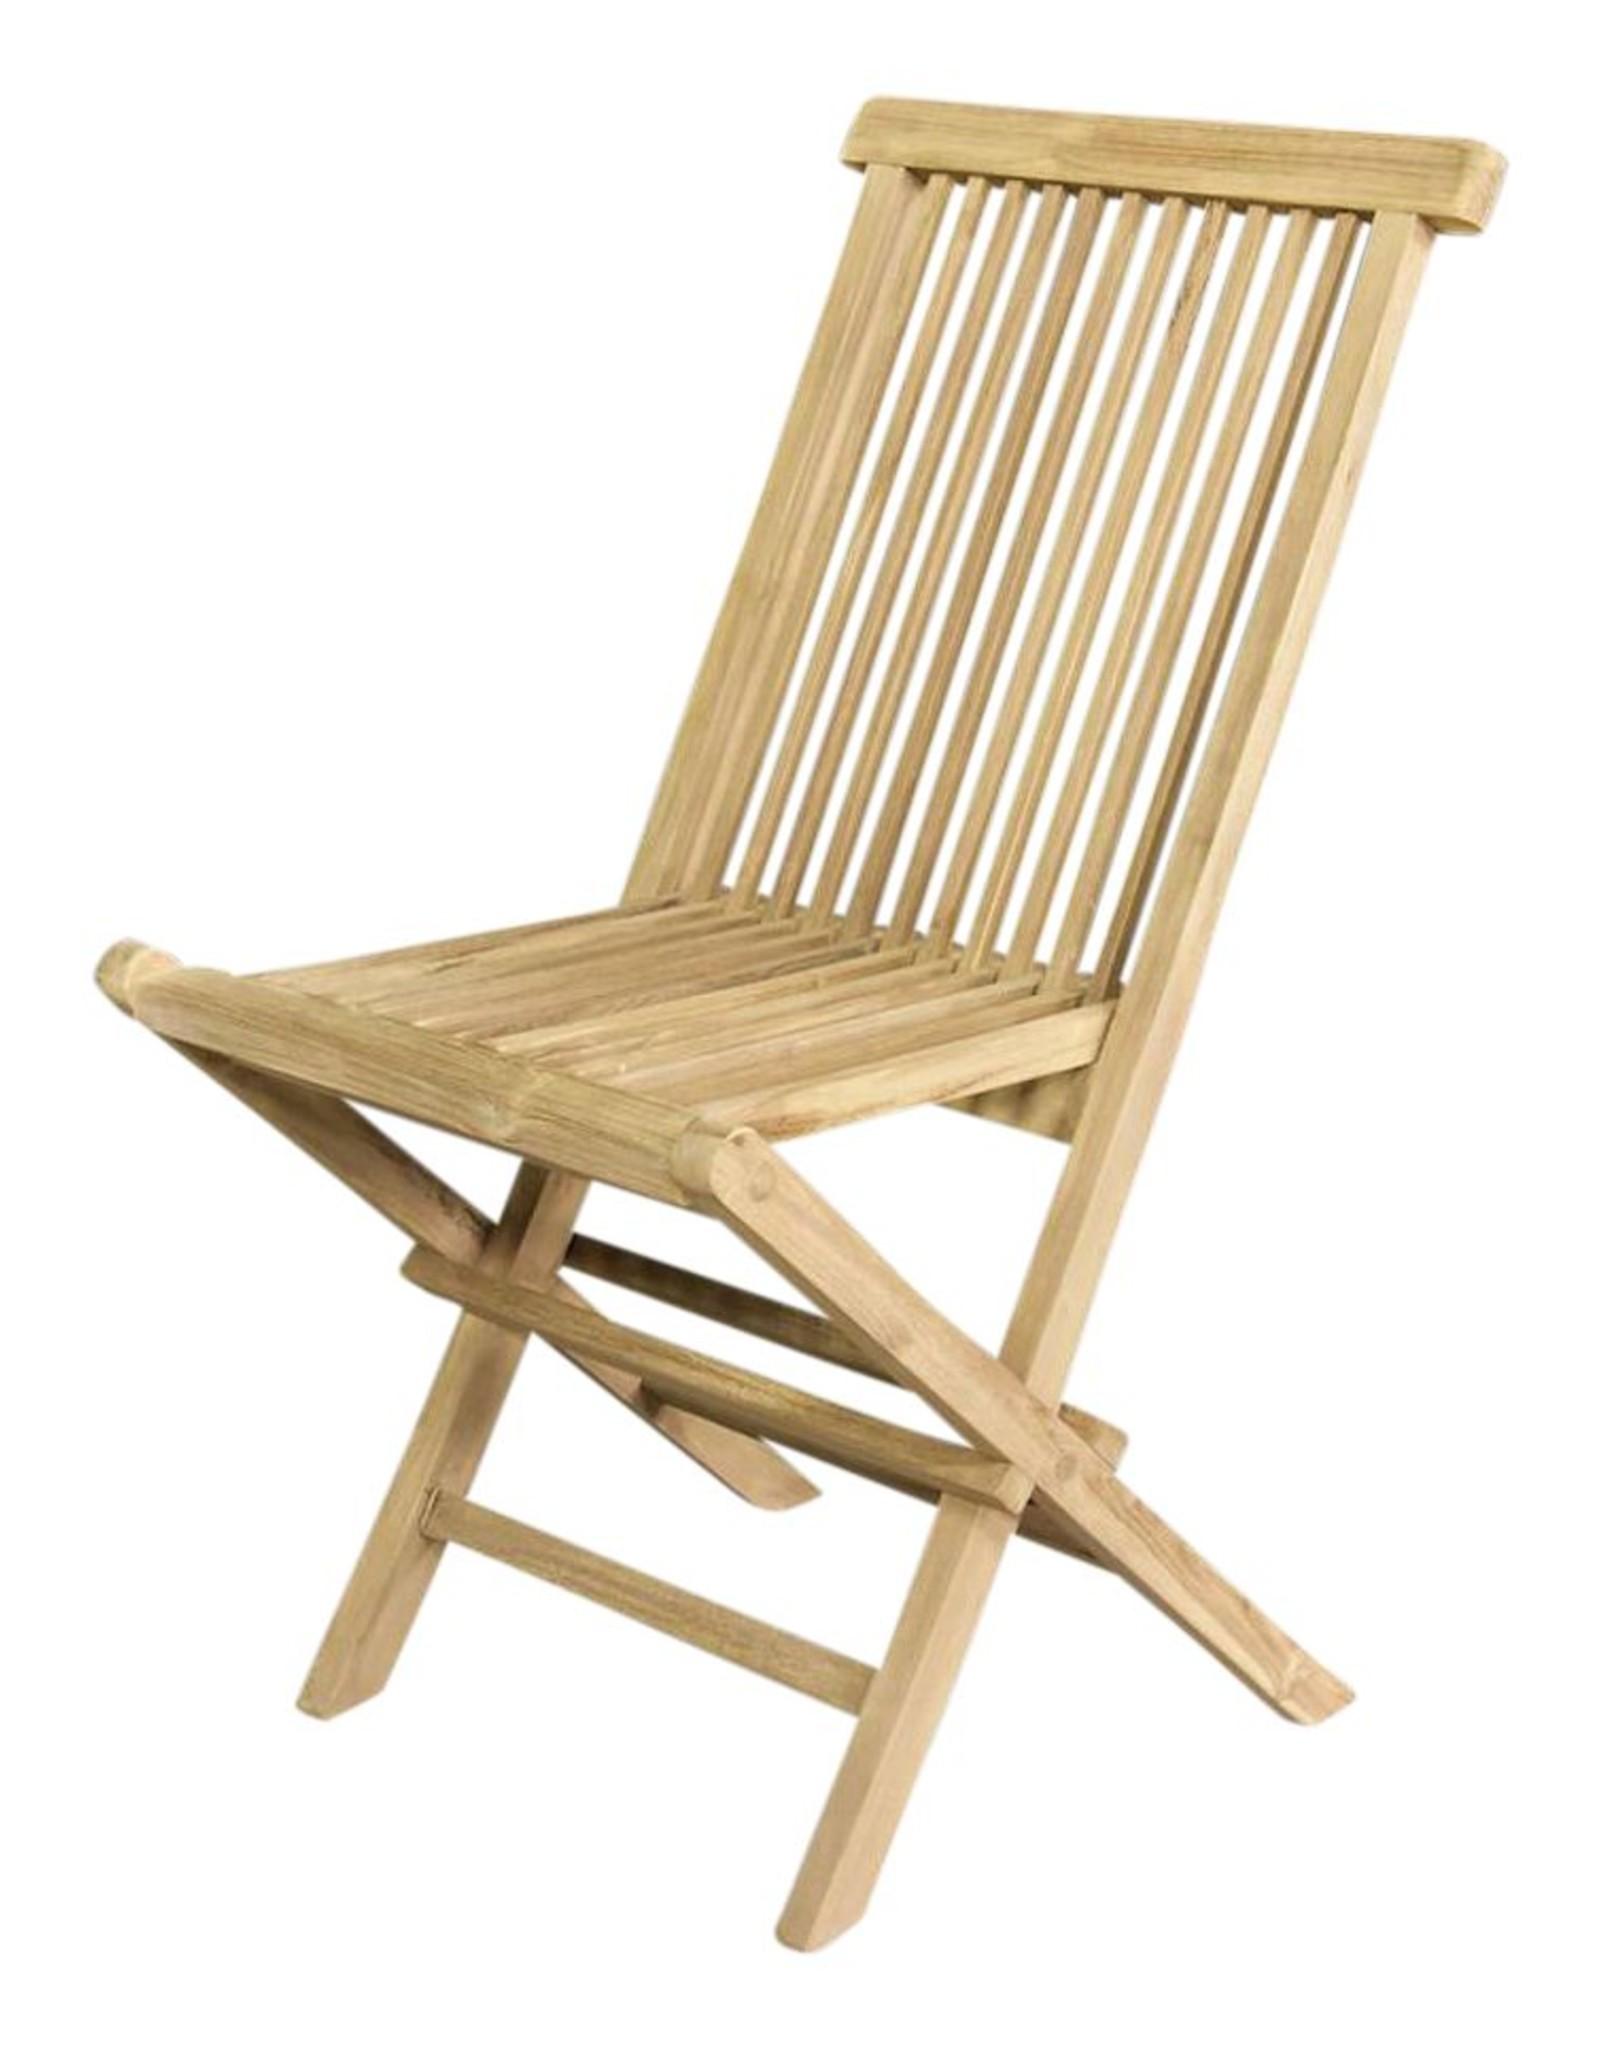 Chaise pliante (cr) (GFR-003 201)